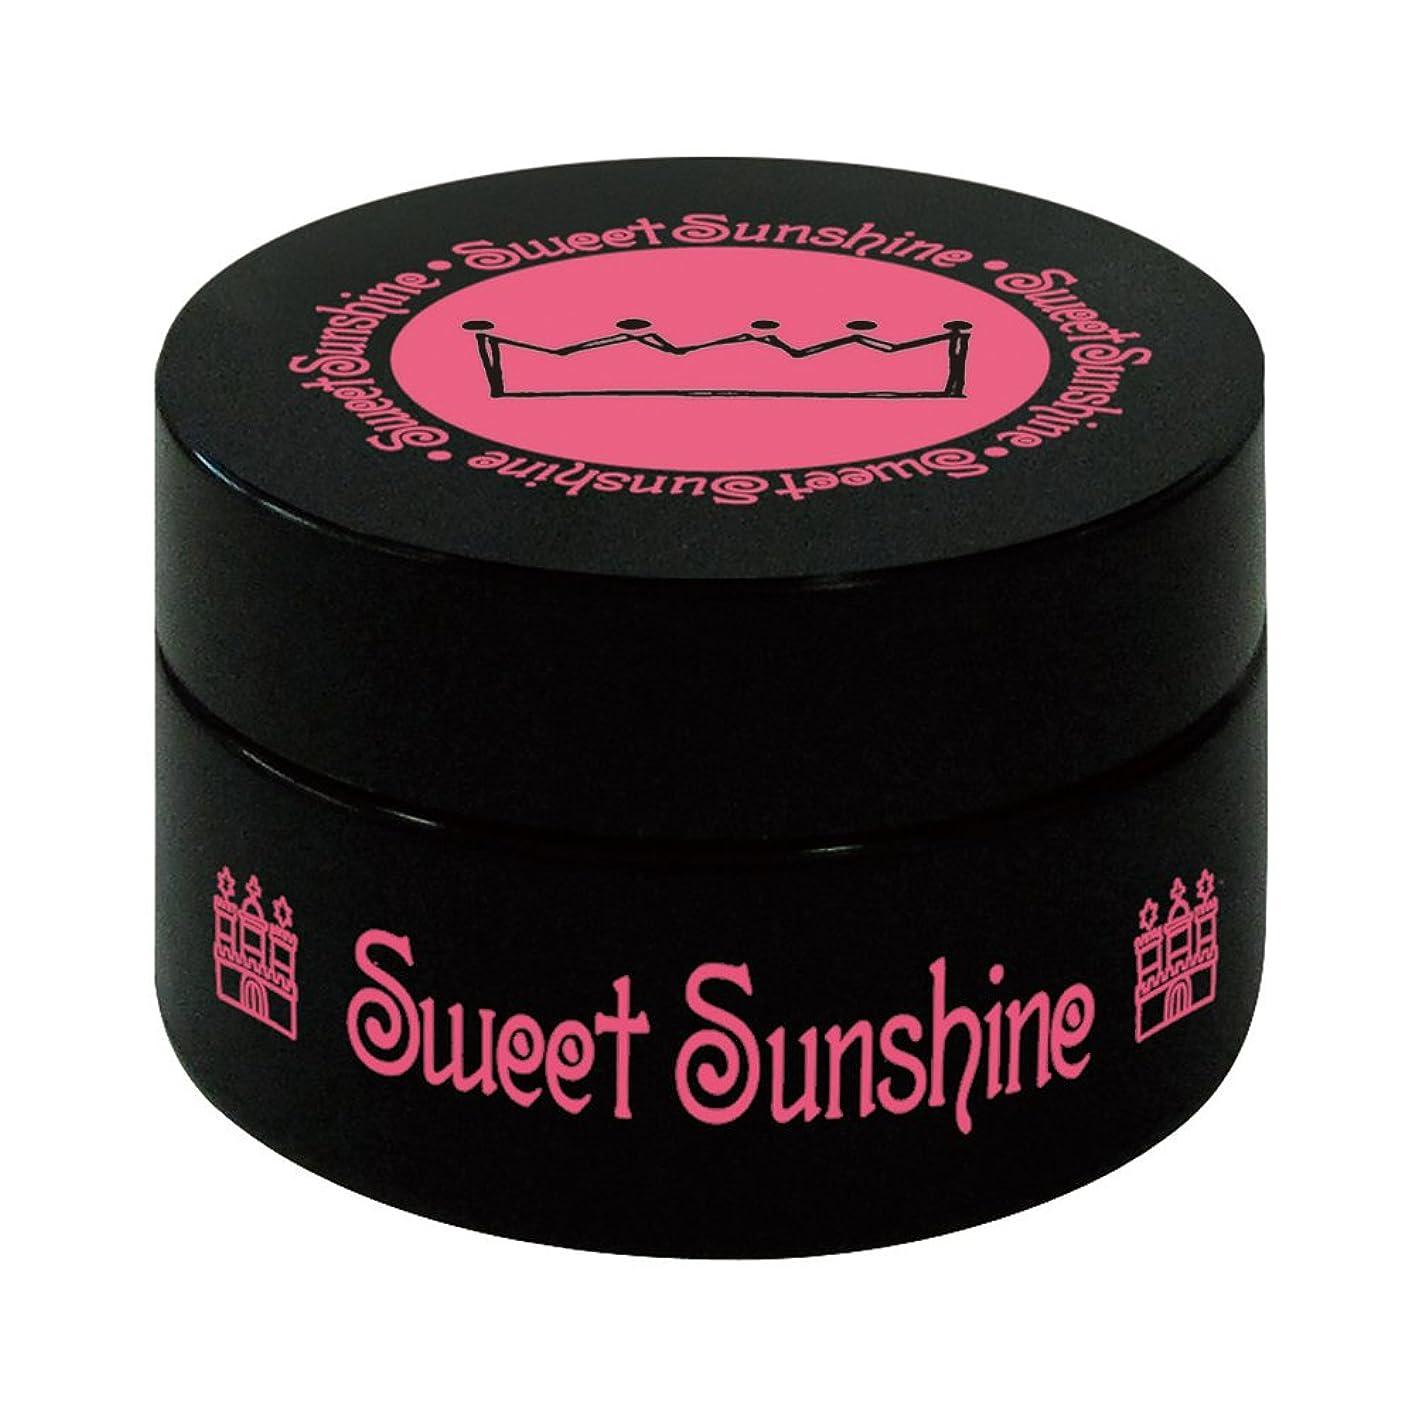 然とした有効化プレビスサイト最速硬化LED対応 Sweet Sunshine スィート サンシャイン カラージェル SC-6 4g サンシャインビーチブルー